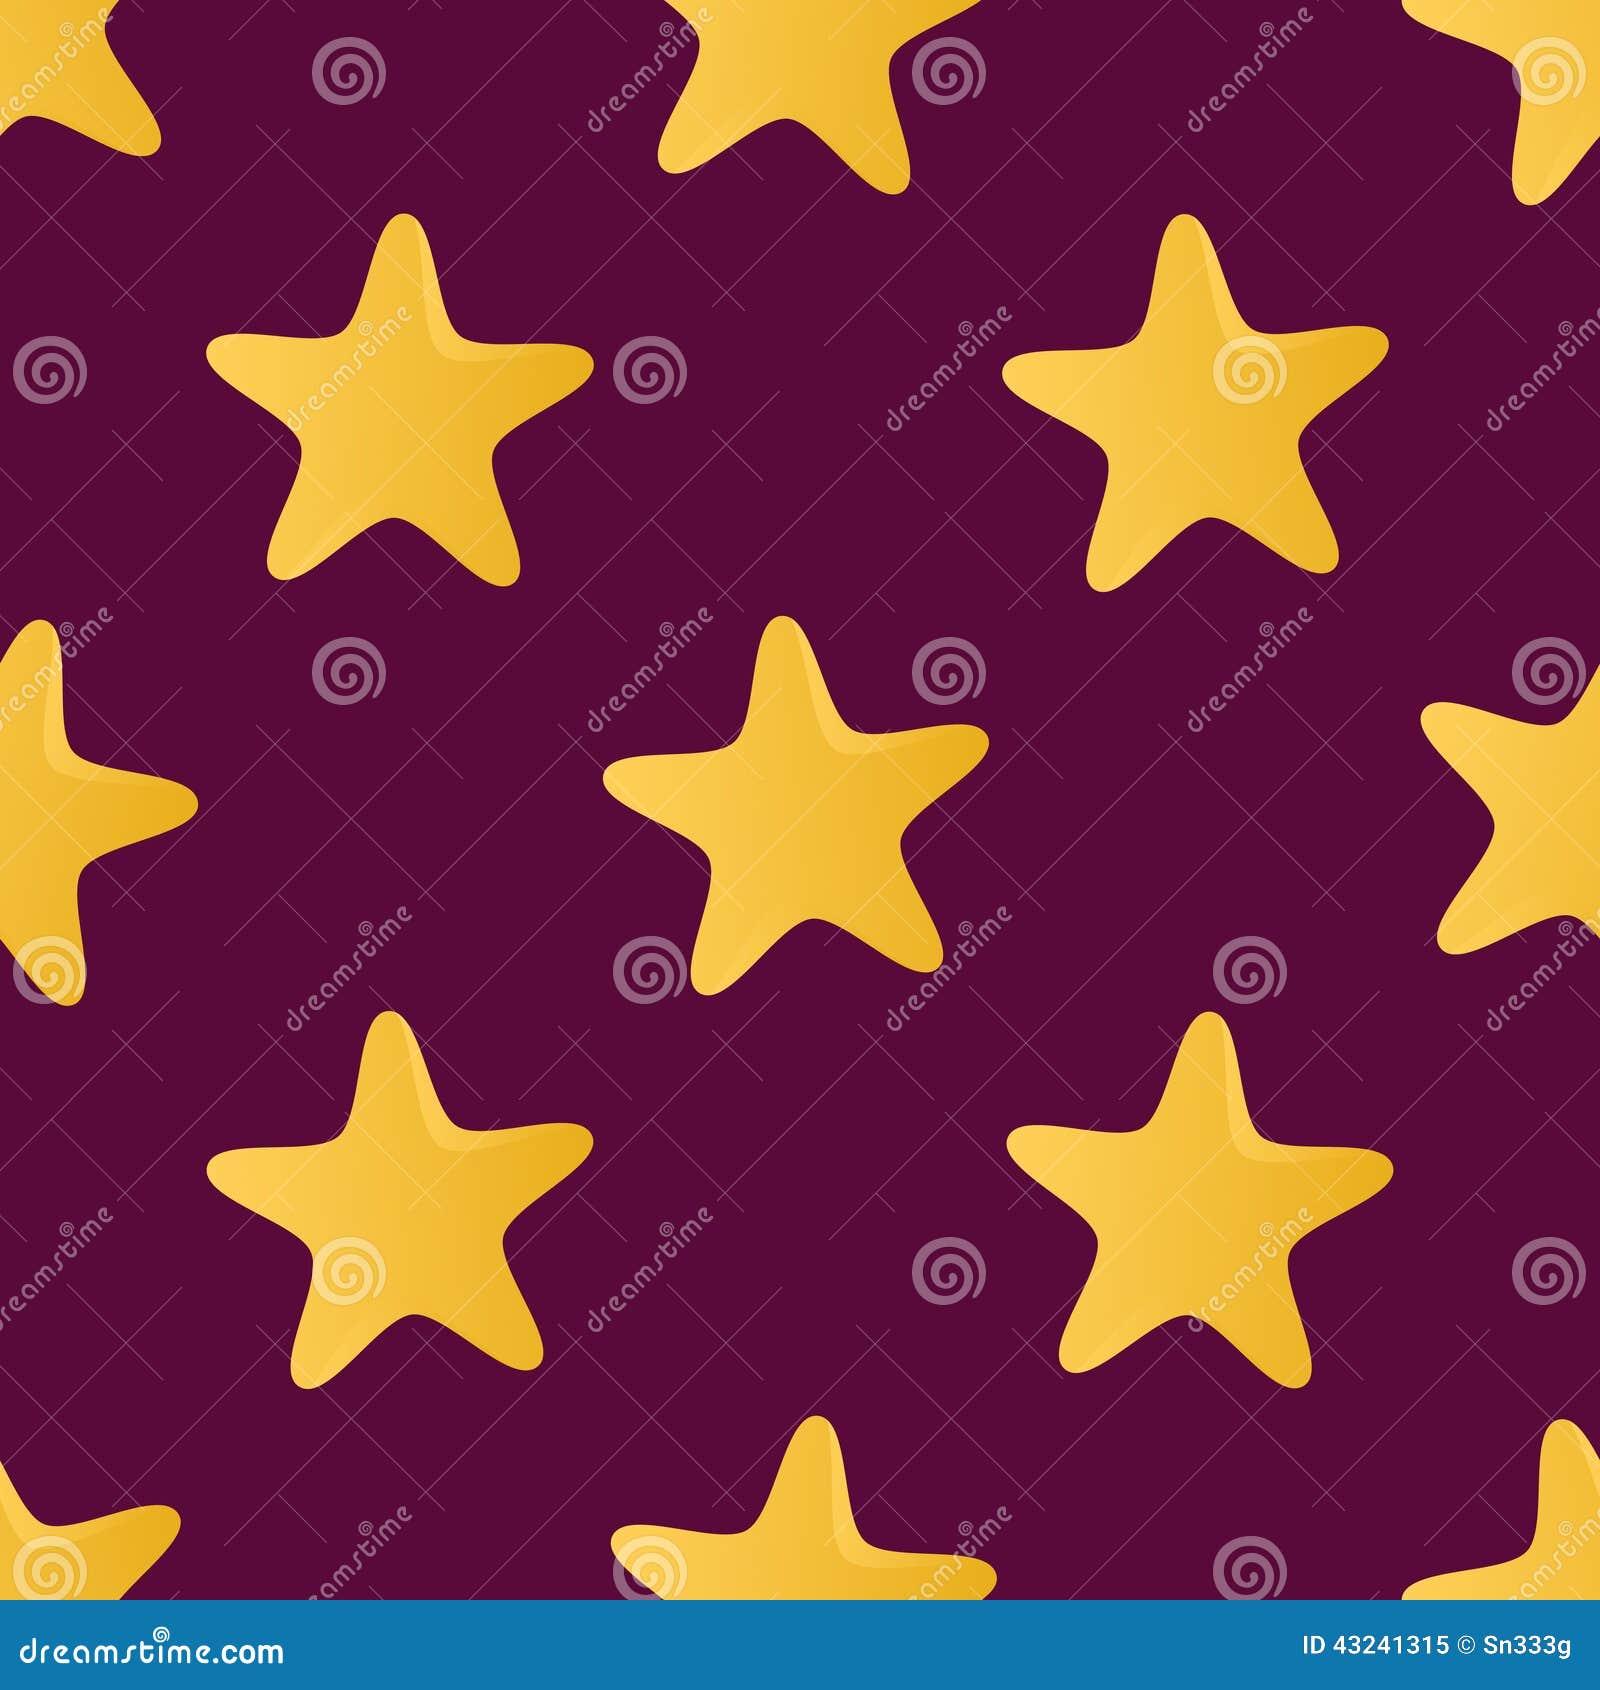 Nahtloses Muster des netten Vektors (Tiling) gemacht von den Sternen